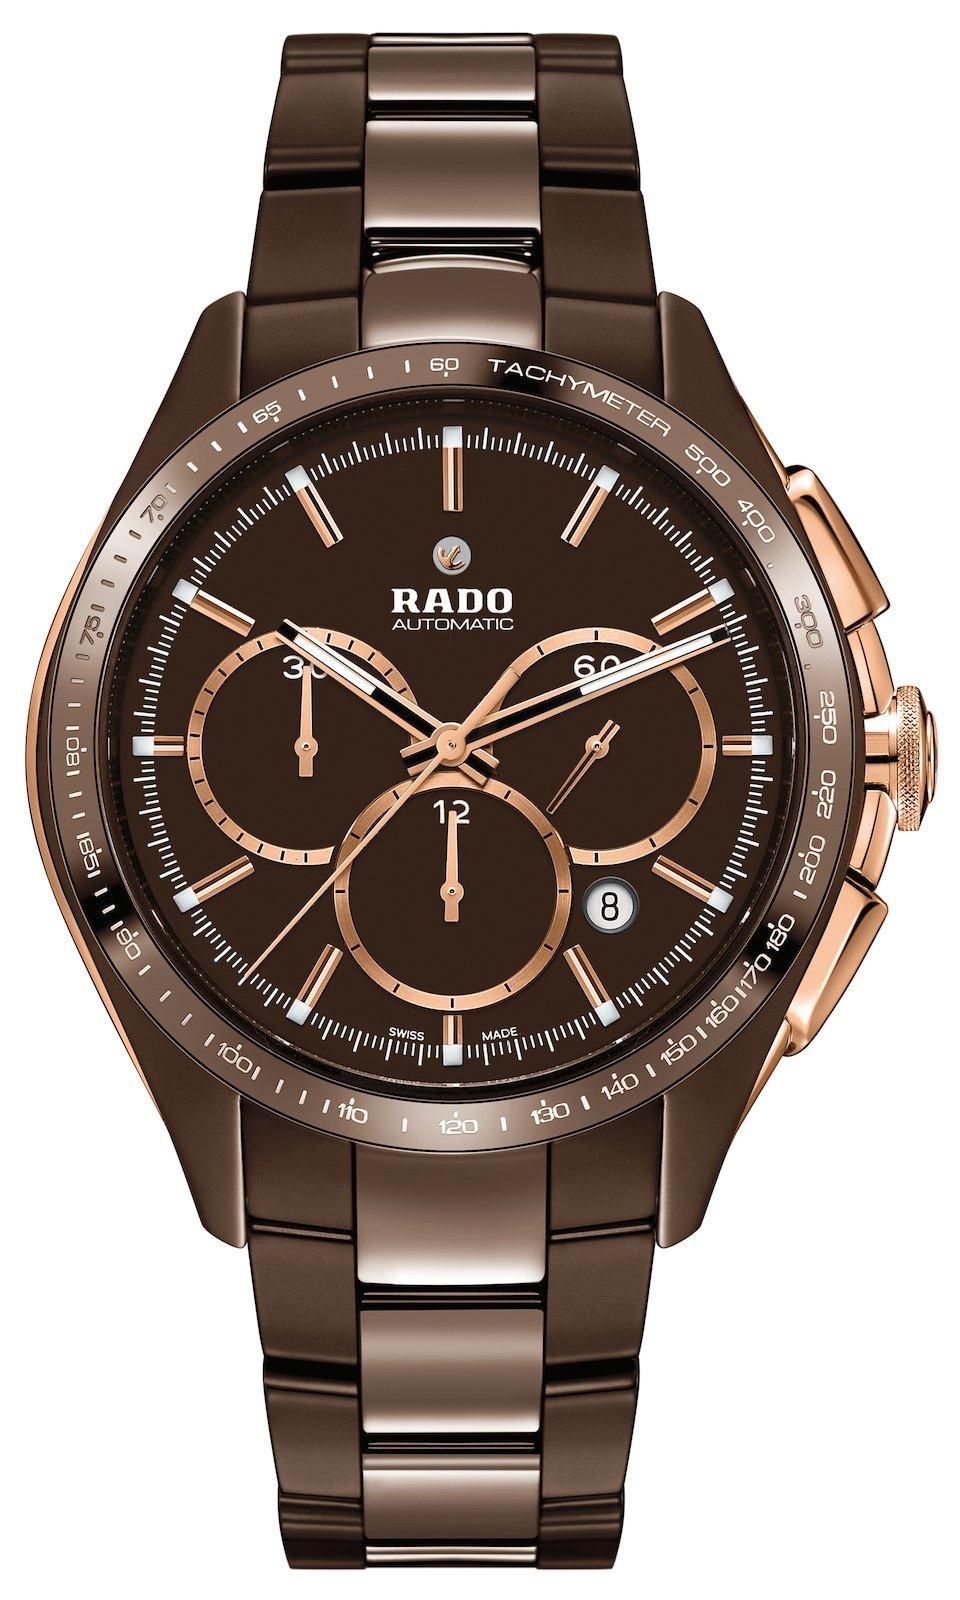 Nuevo Rado HyperChrome Chronograph de cerámica de alta tecnología color marrón chocolate